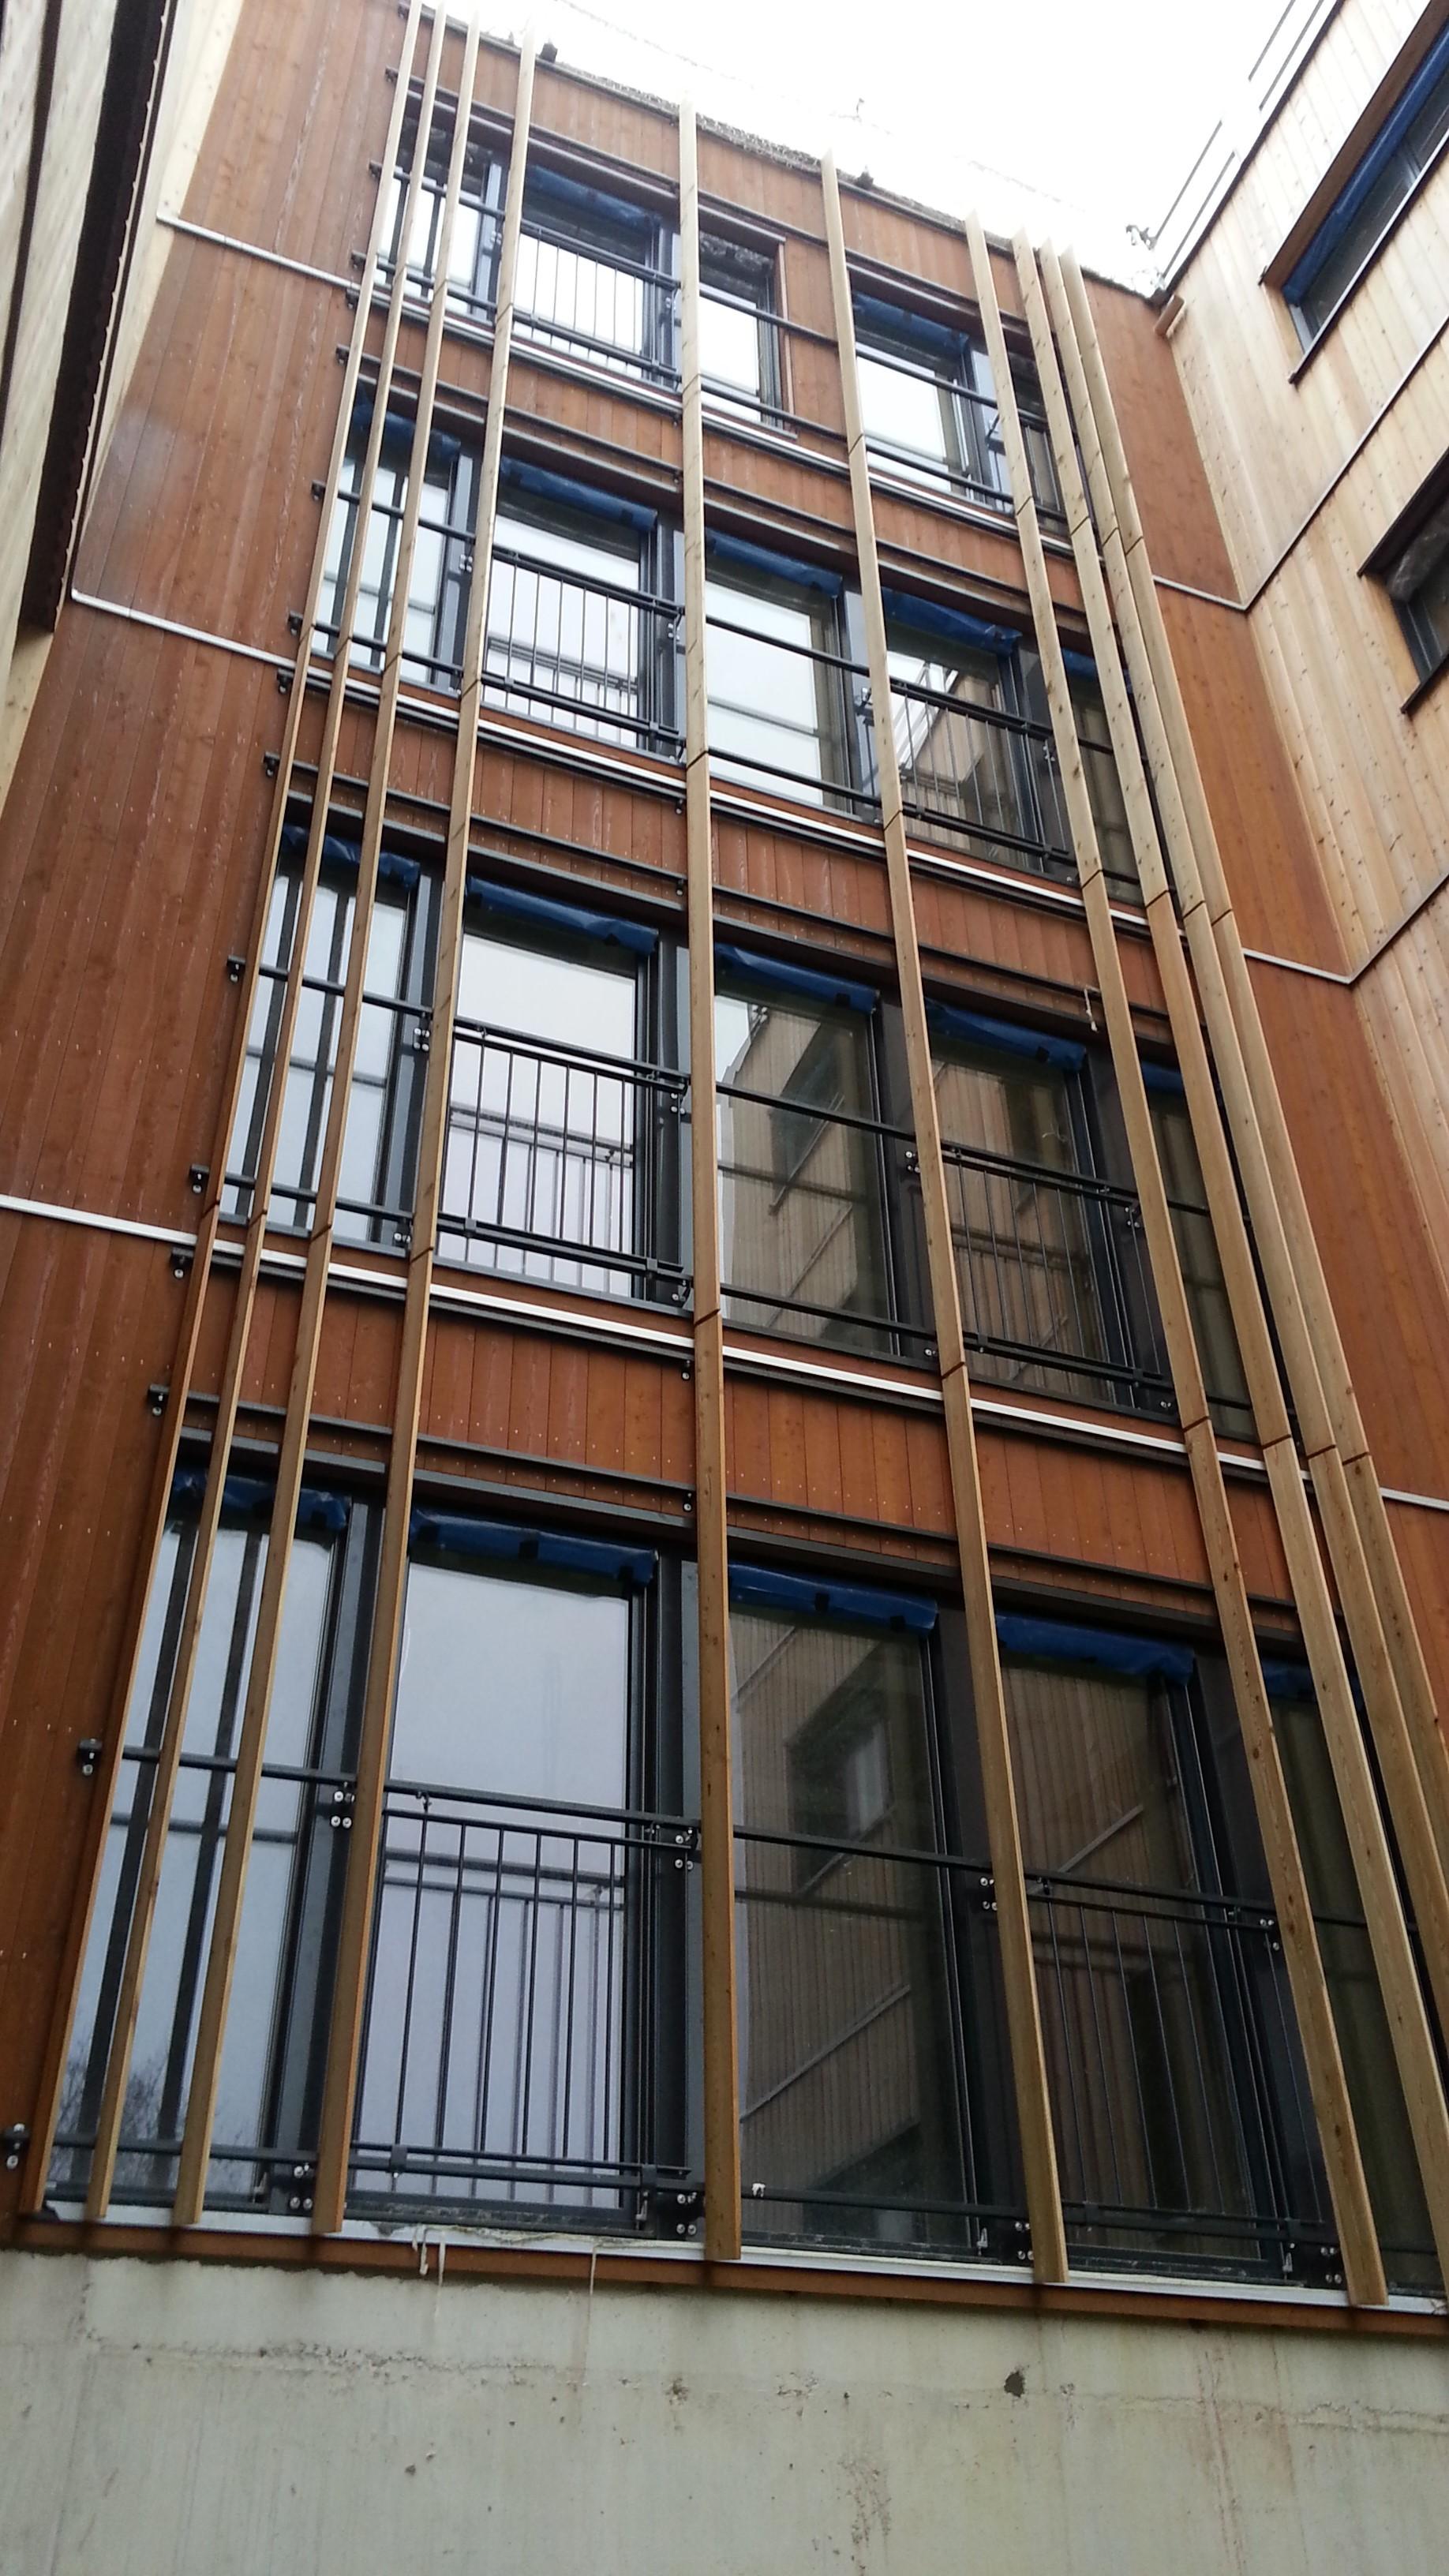 Bâtiment R+5 - Montreuil sous Bois (94)